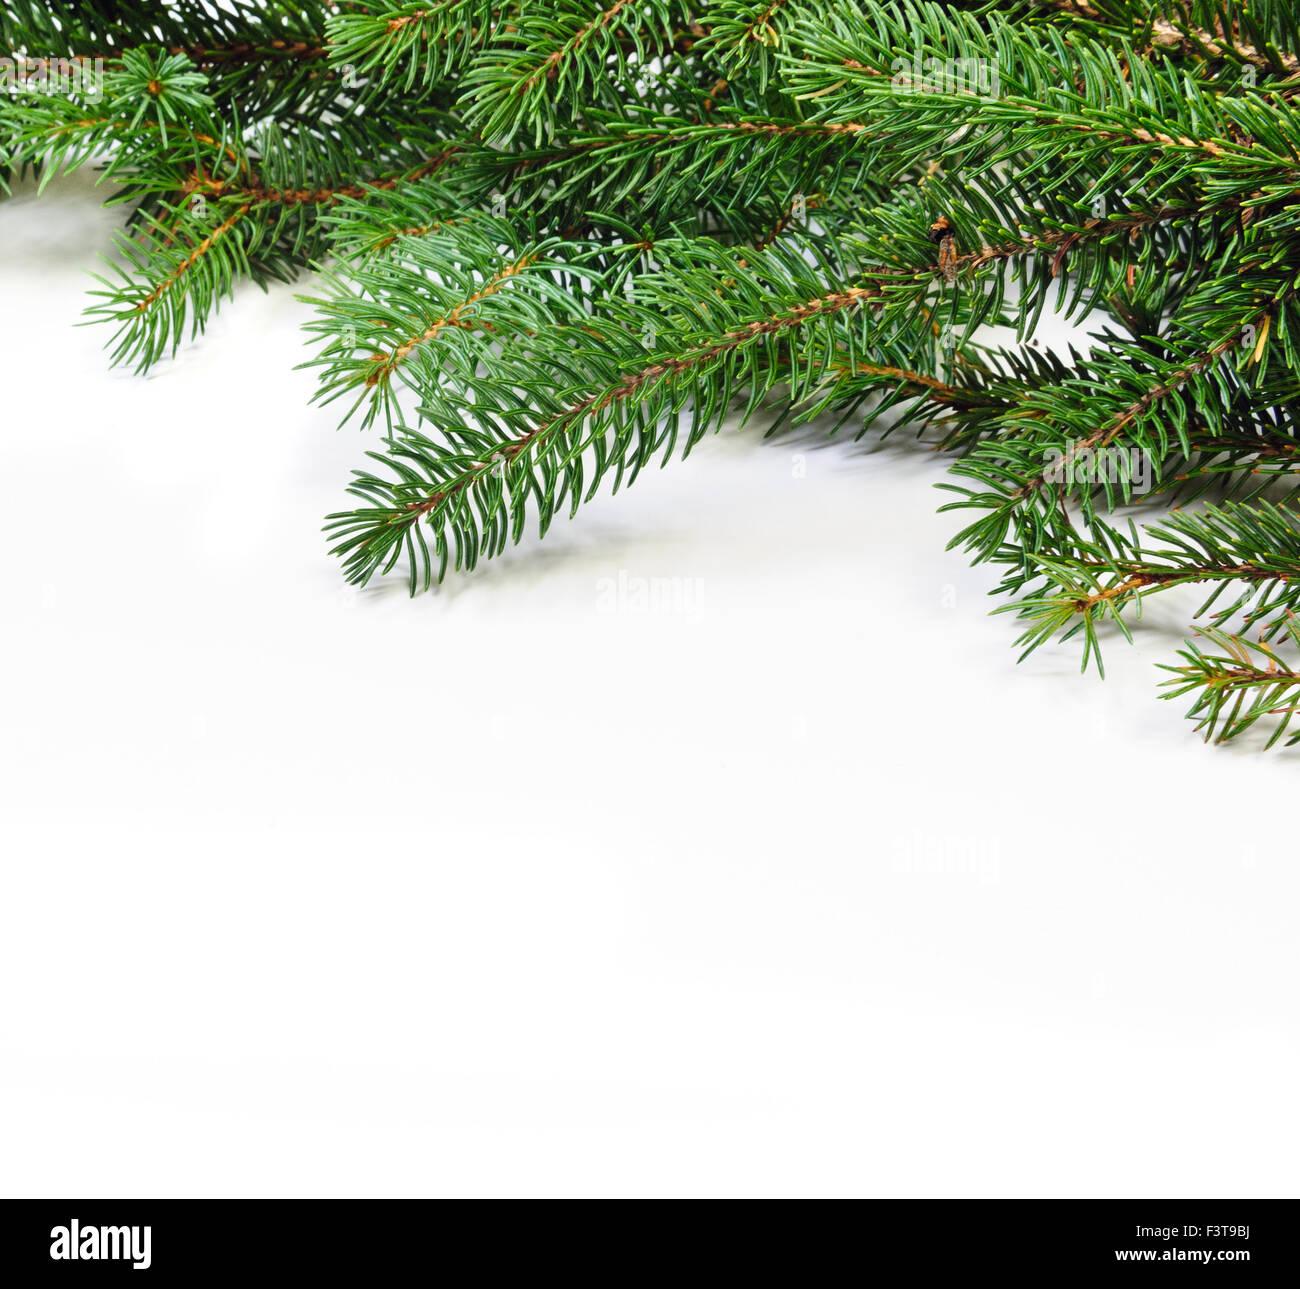 Christmas Greenery Images.Christmas Greenery Stock Photos Christmas Greenery Stock